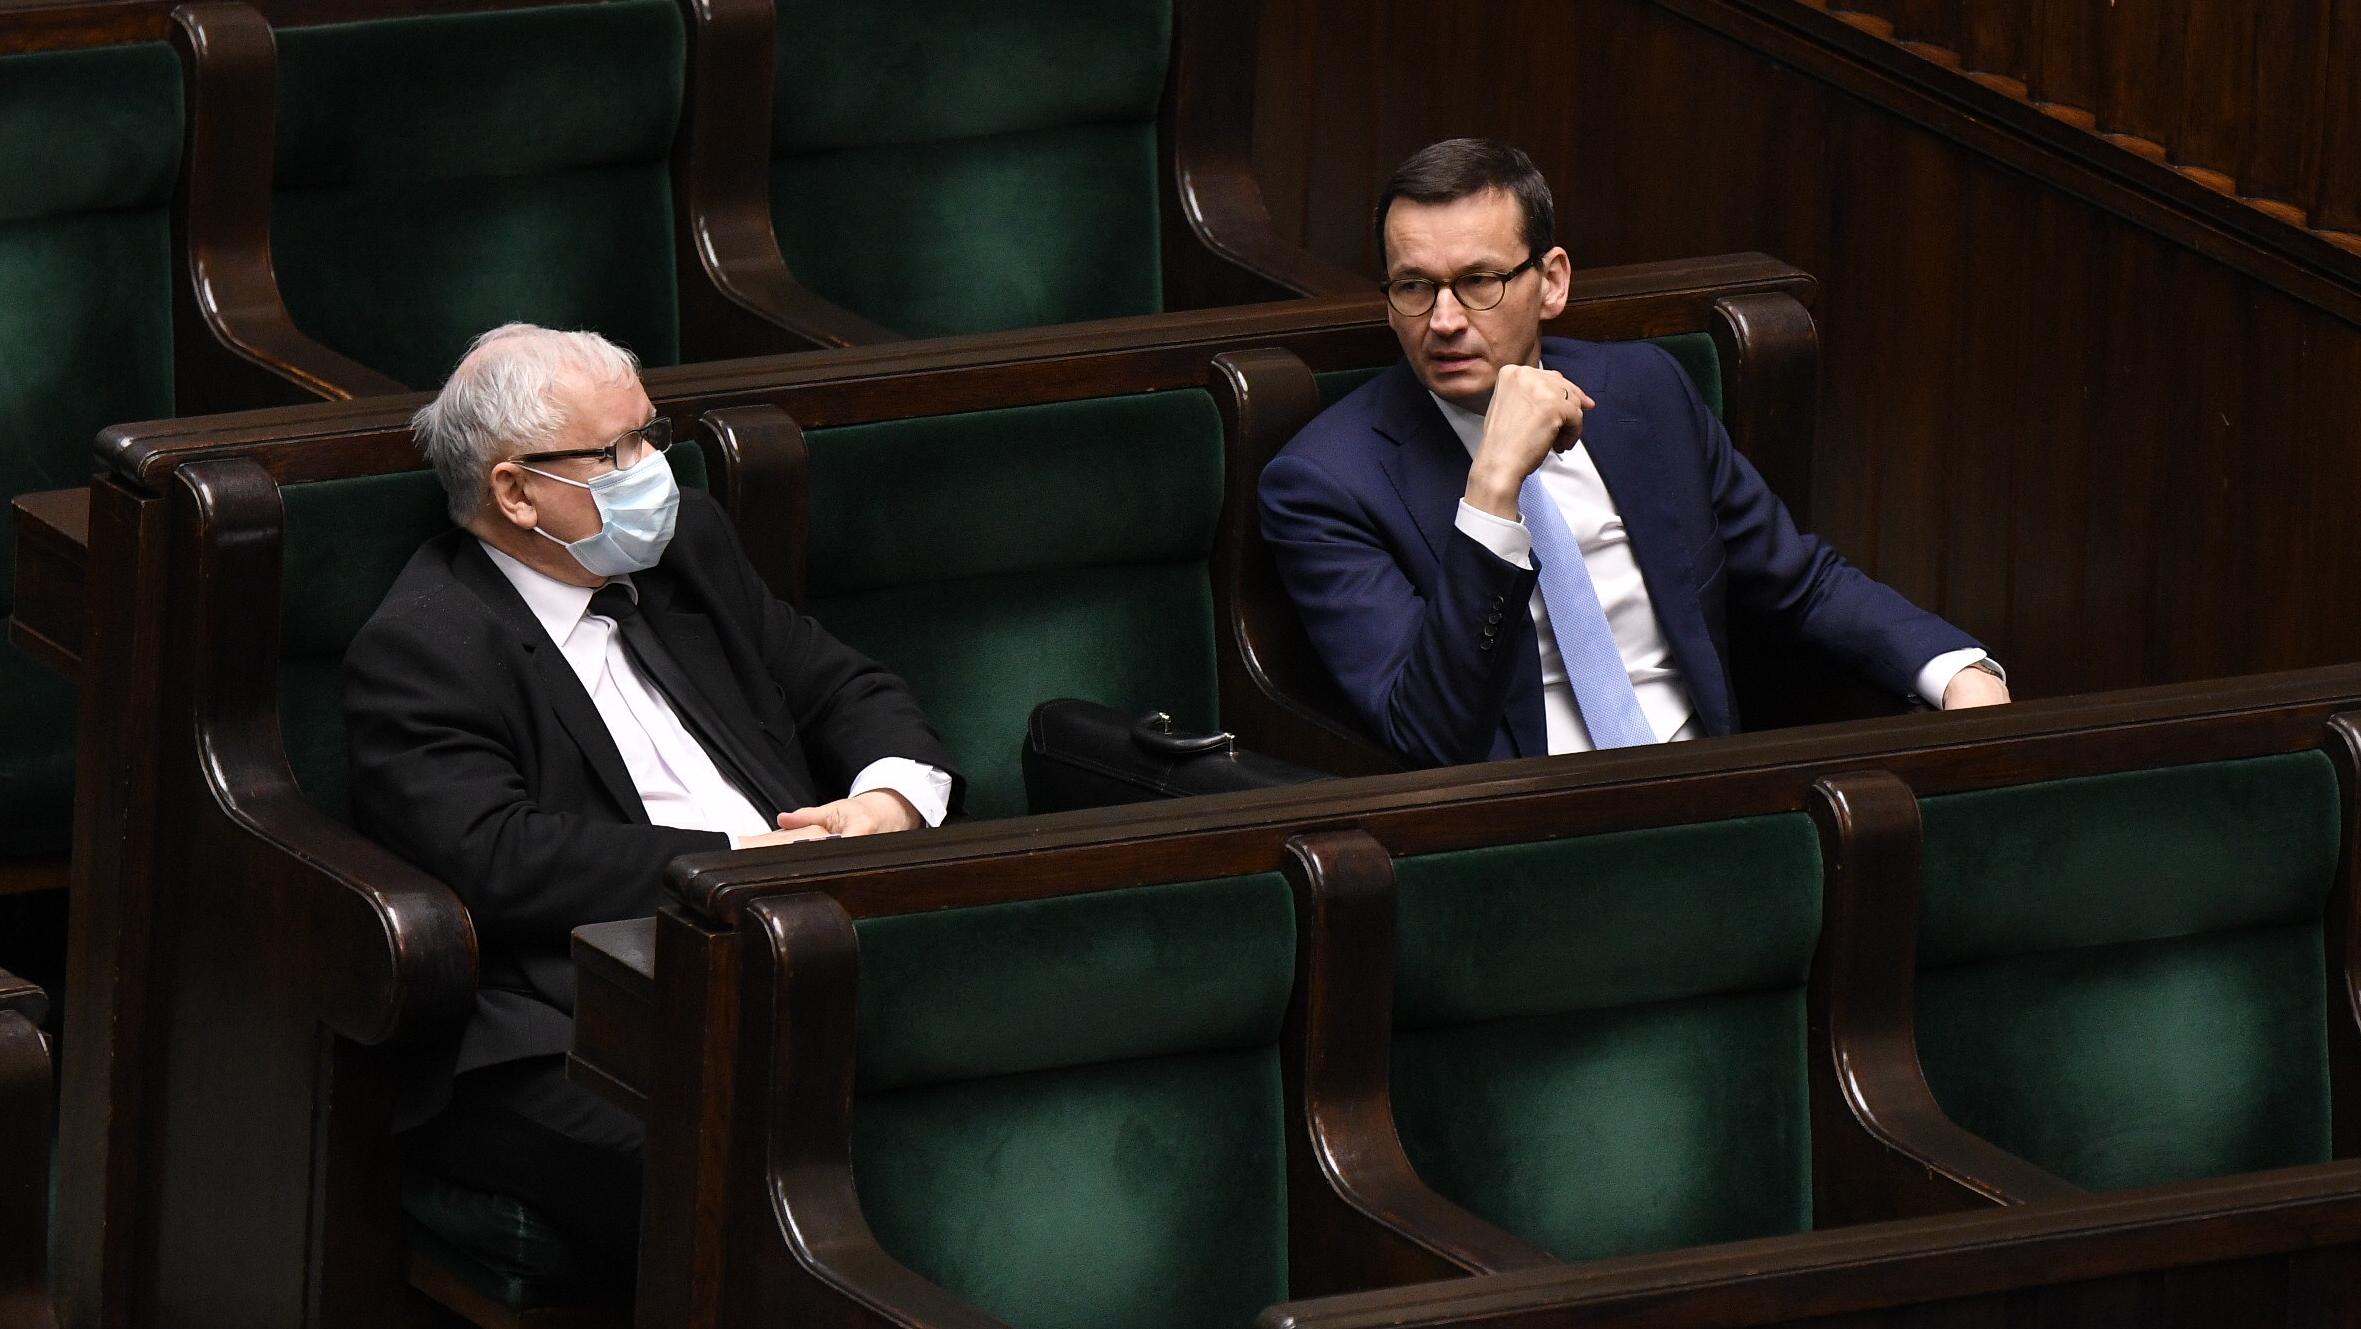 """Ekstrapensje w rządzie. """"Główny, starszy i młodszy kierownik projekt"""""""